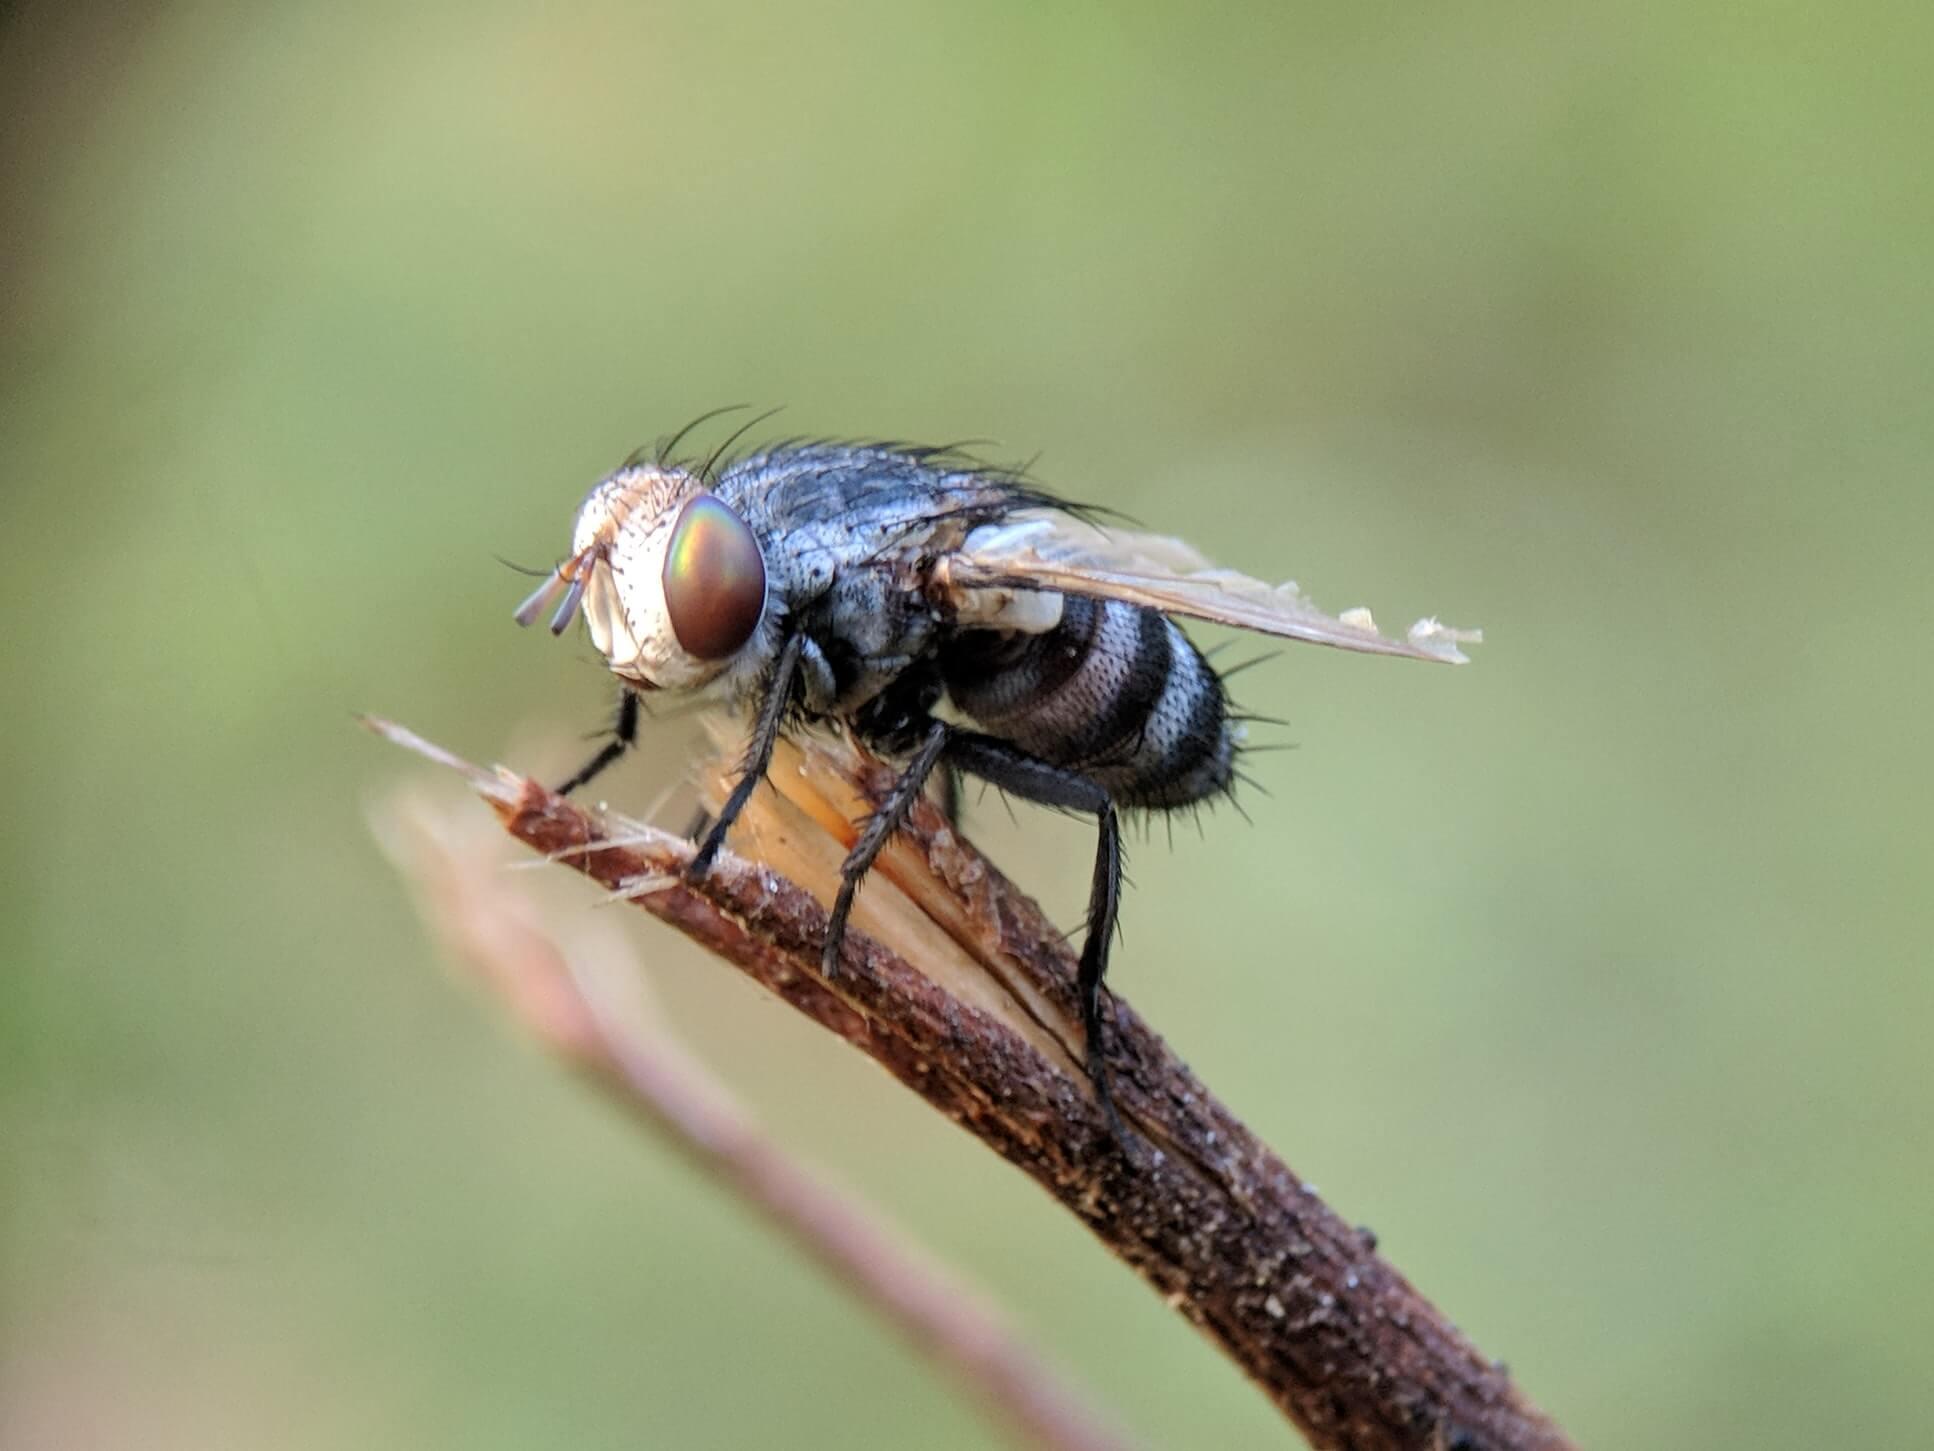 Vliegen in huis verjagen